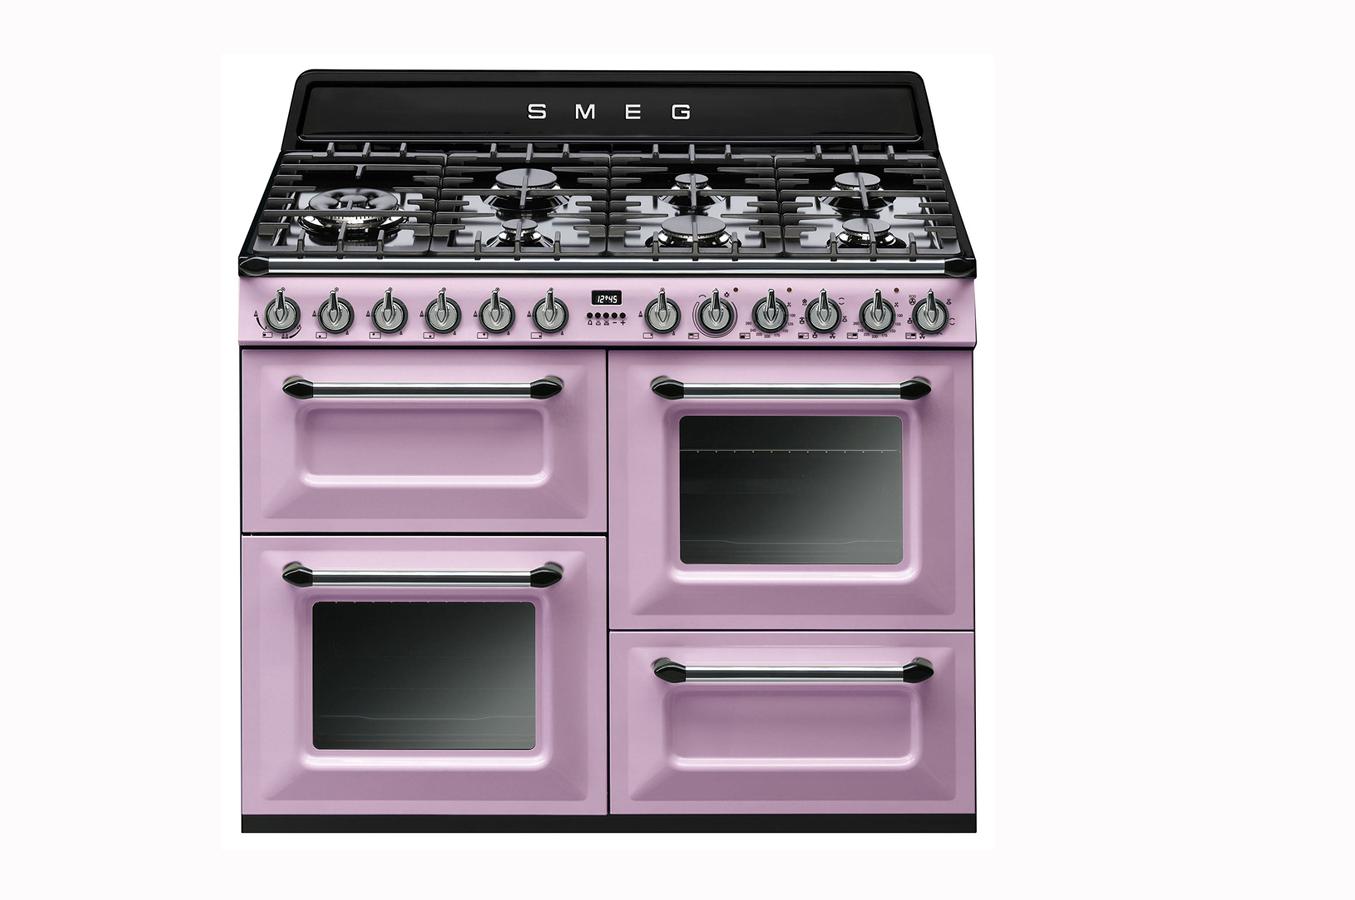 cuisine cuisine avec une gaziniere piano cuisine design et d coration photos. Black Bedroom Furniture Sets. Home Design Ideas